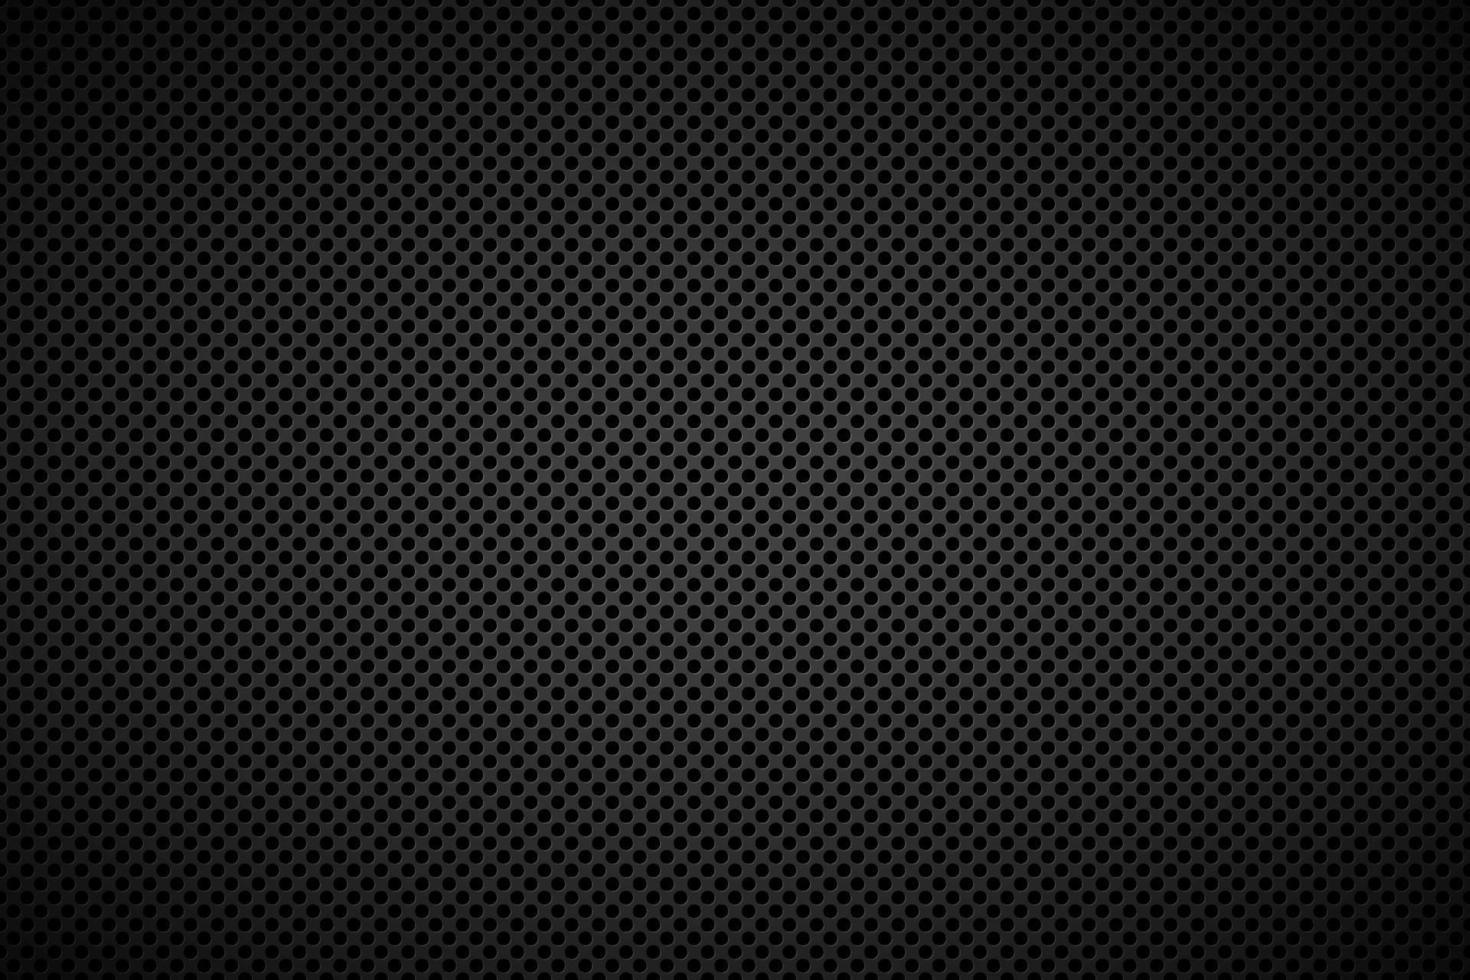 Fondo metálico negro perforado. Ilustración de vector de fondo abstracto de acero inoxidable